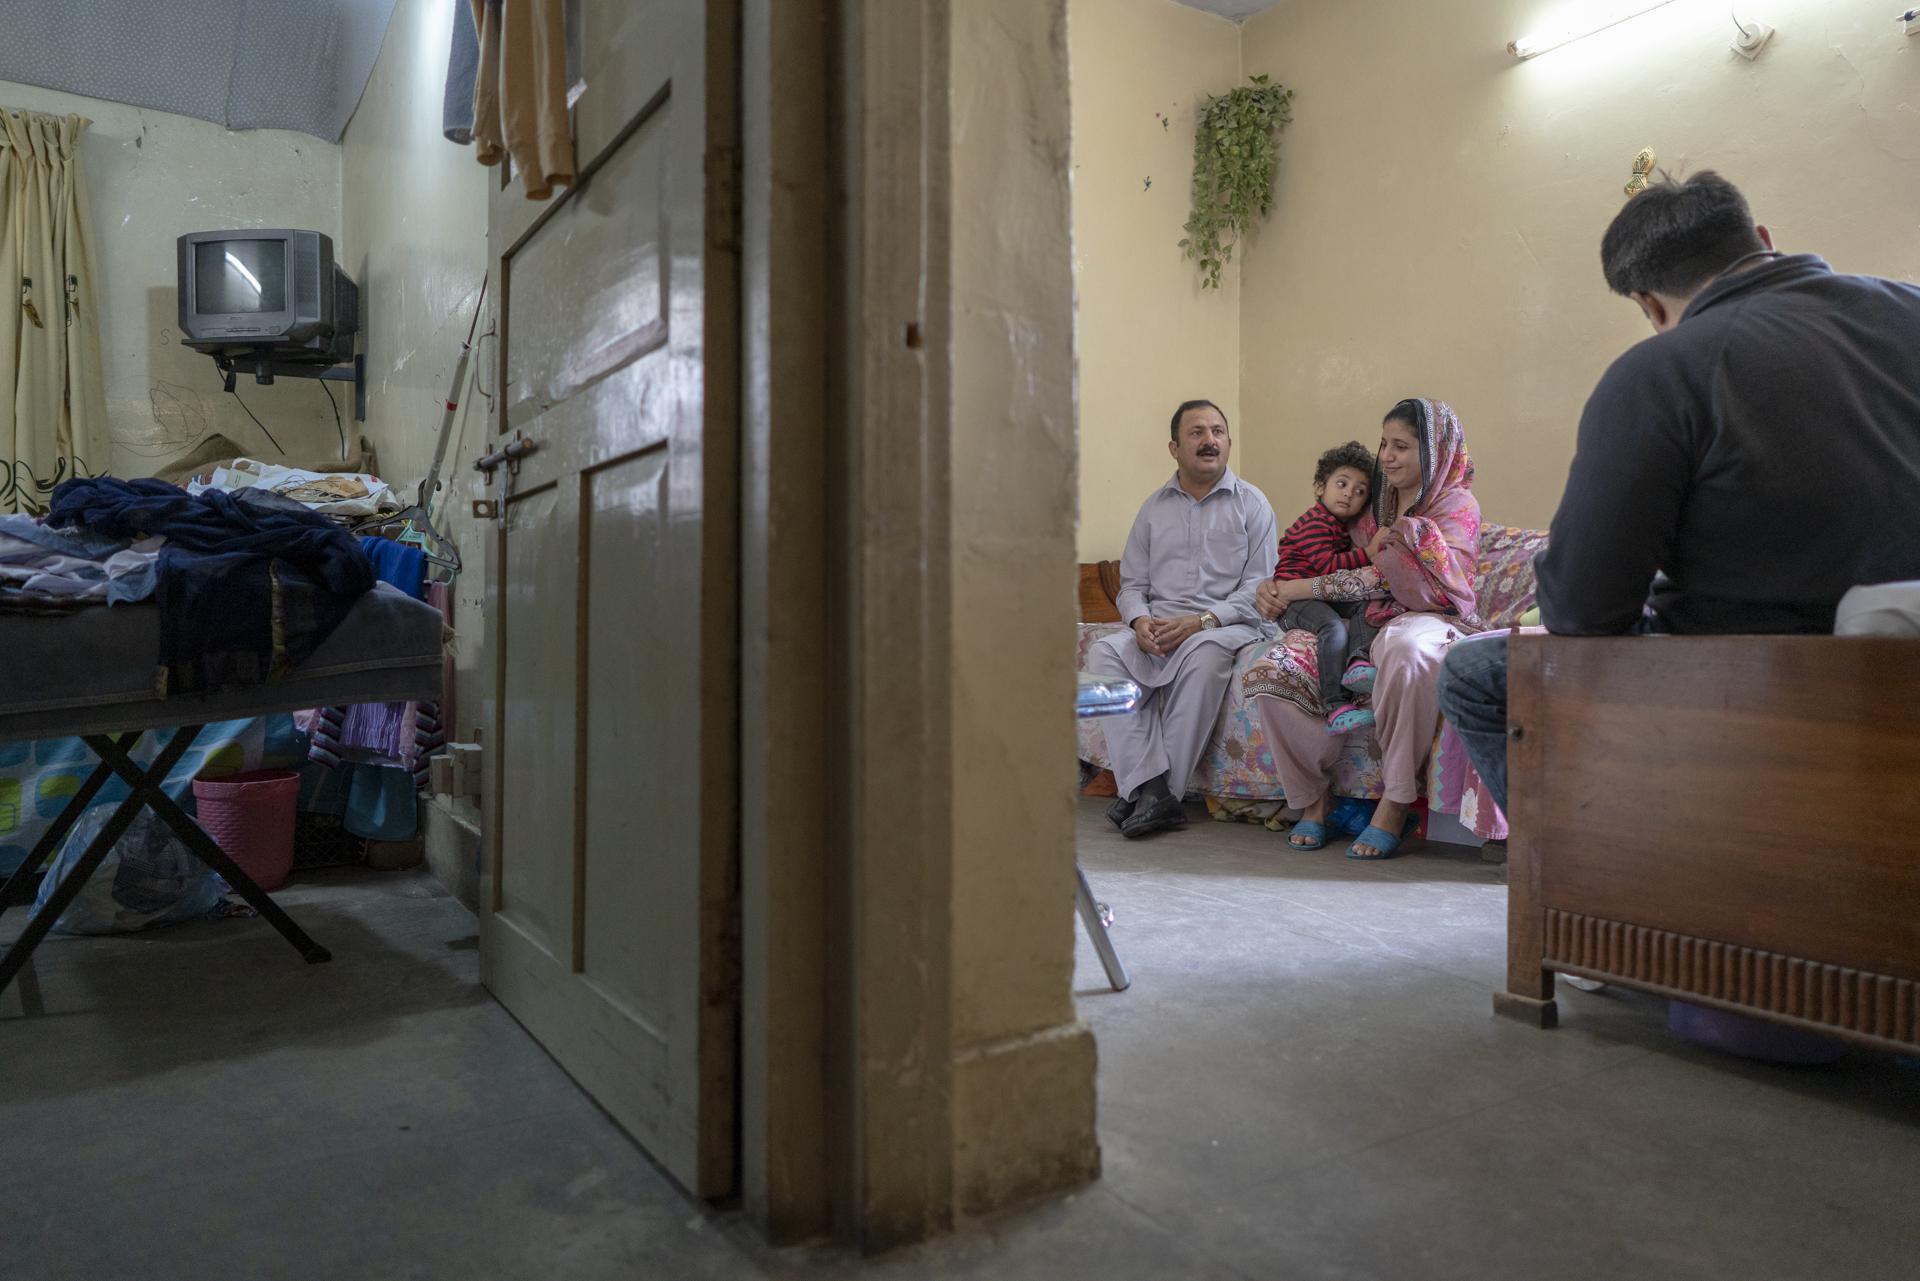 Javed Tahir und seine Frau Humaira - hier mit einem ihrer drei Kinder - leiden beide an einer erblich bedingten Muskeldystropie. (Foto: Benjamin Fuglister)